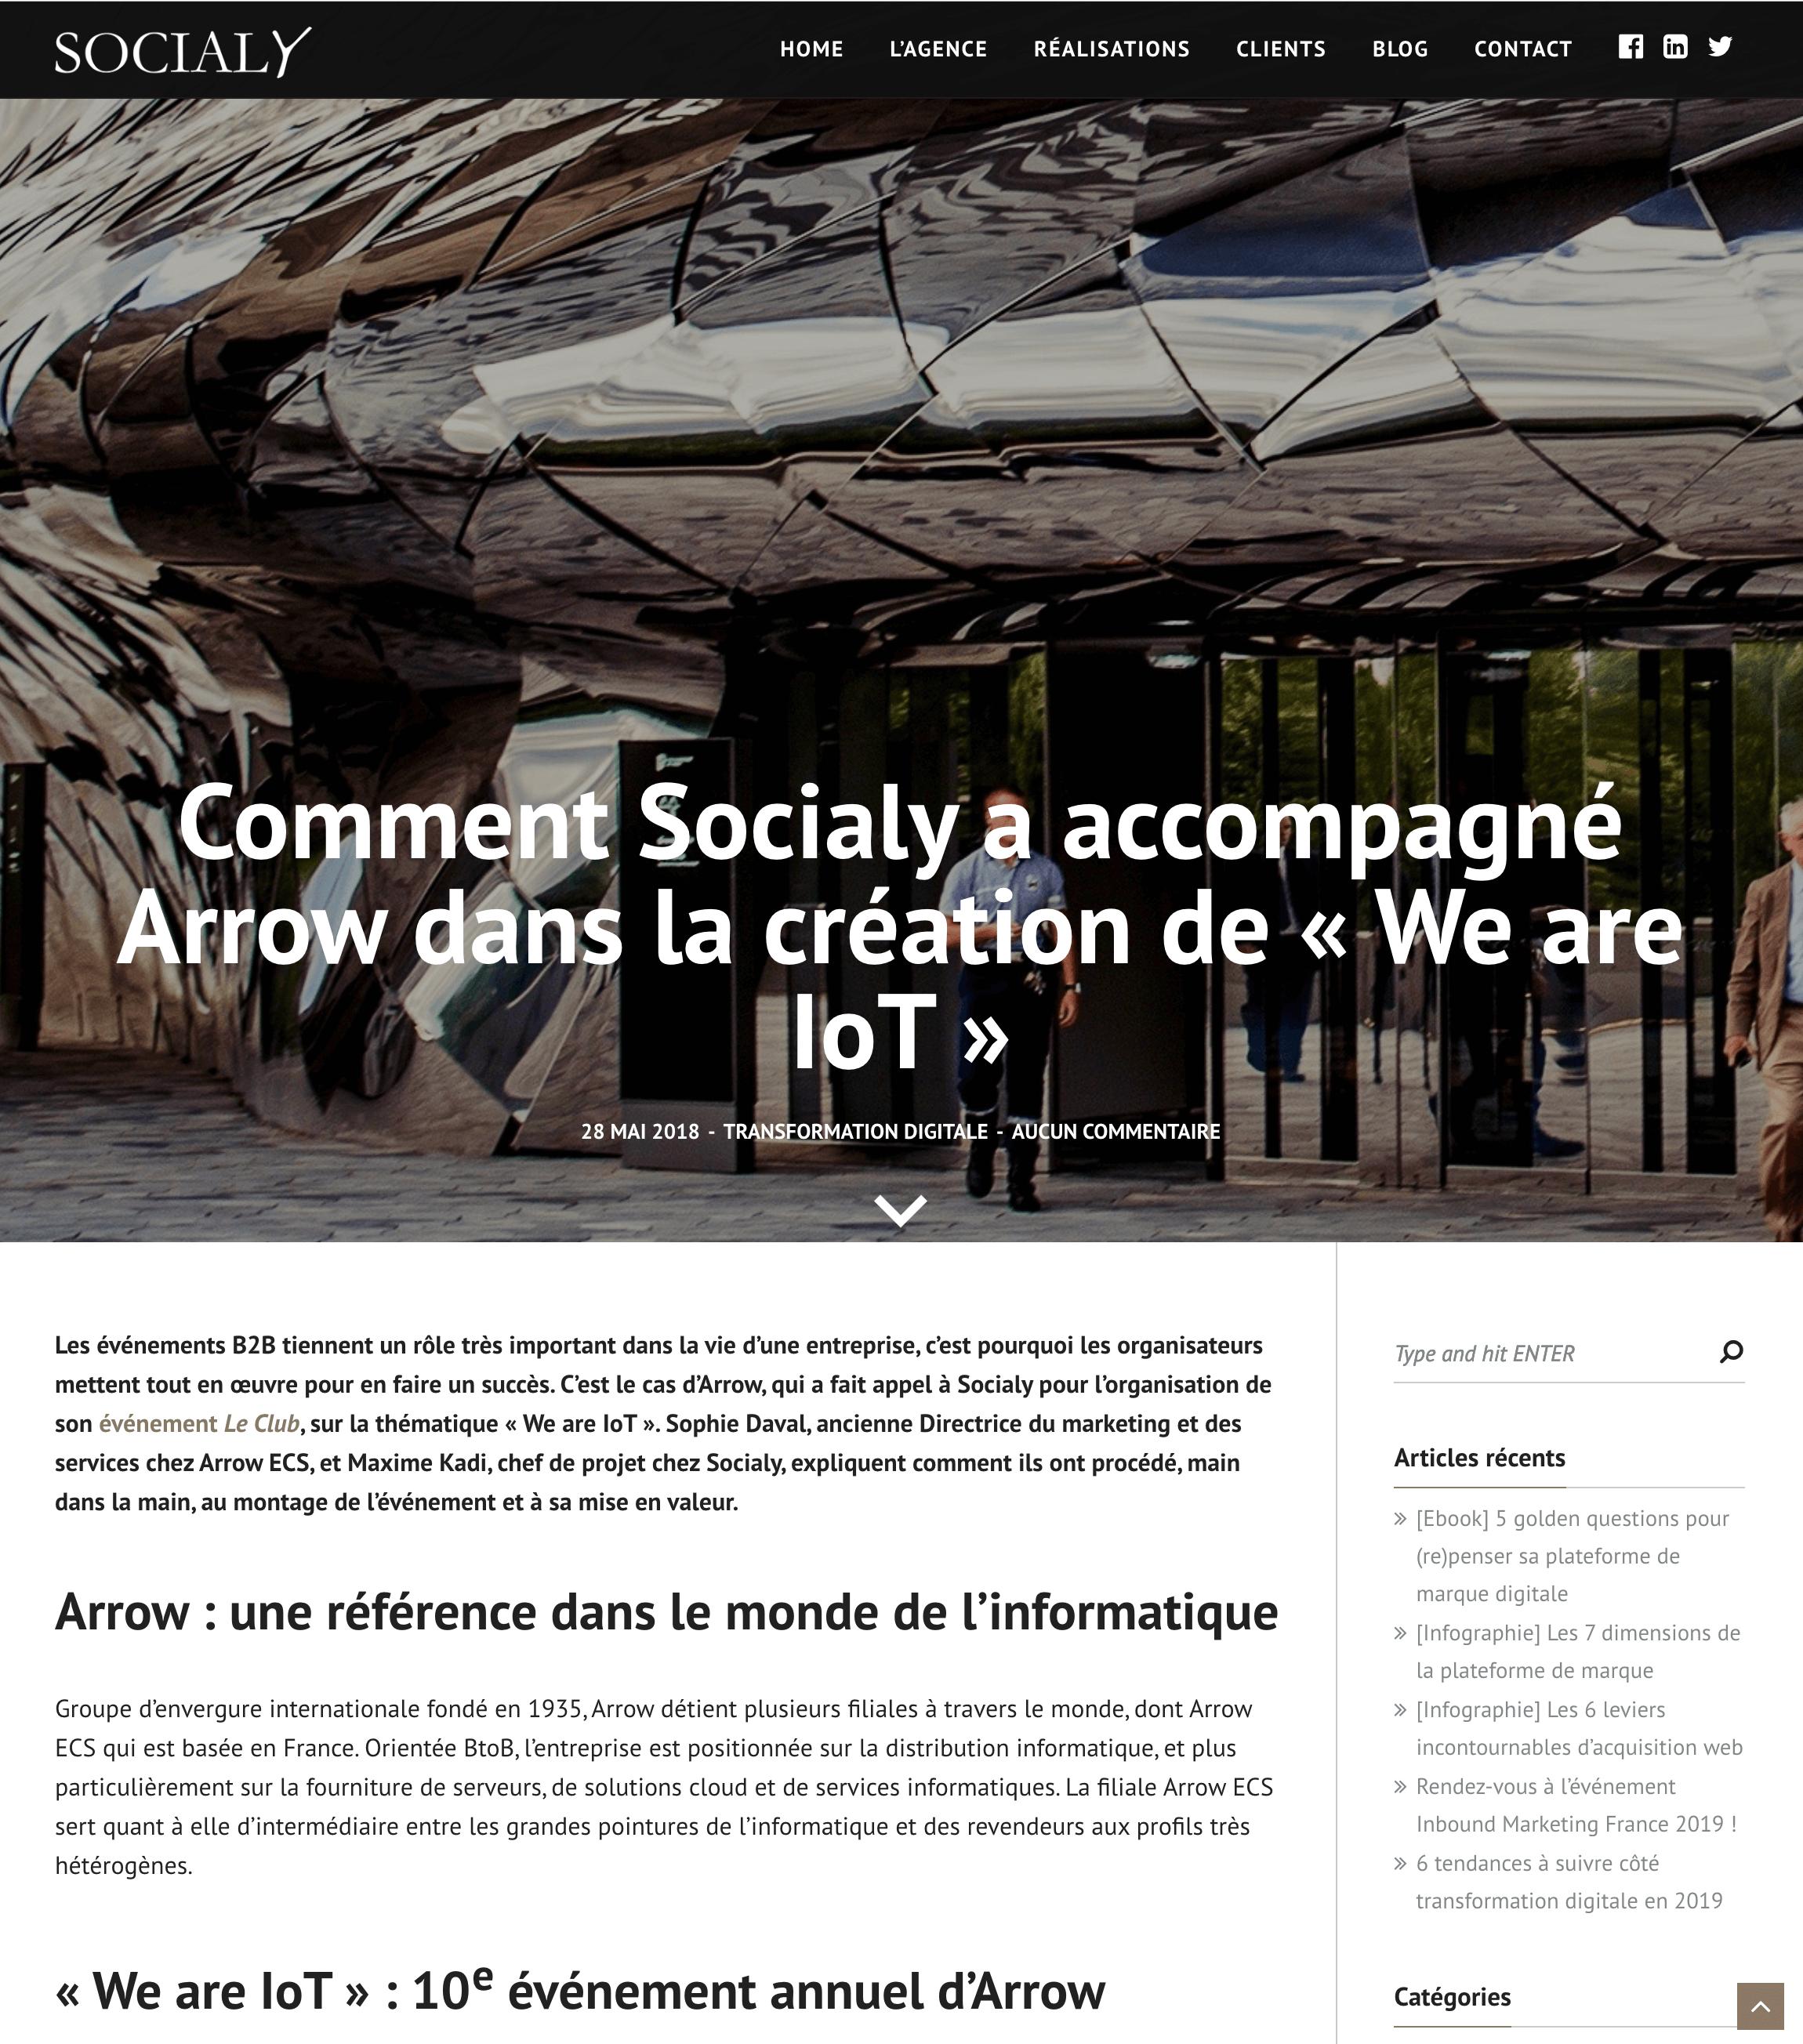 Socialy – Comment Socialy a accompagné Arrow dans la création de We are IoT